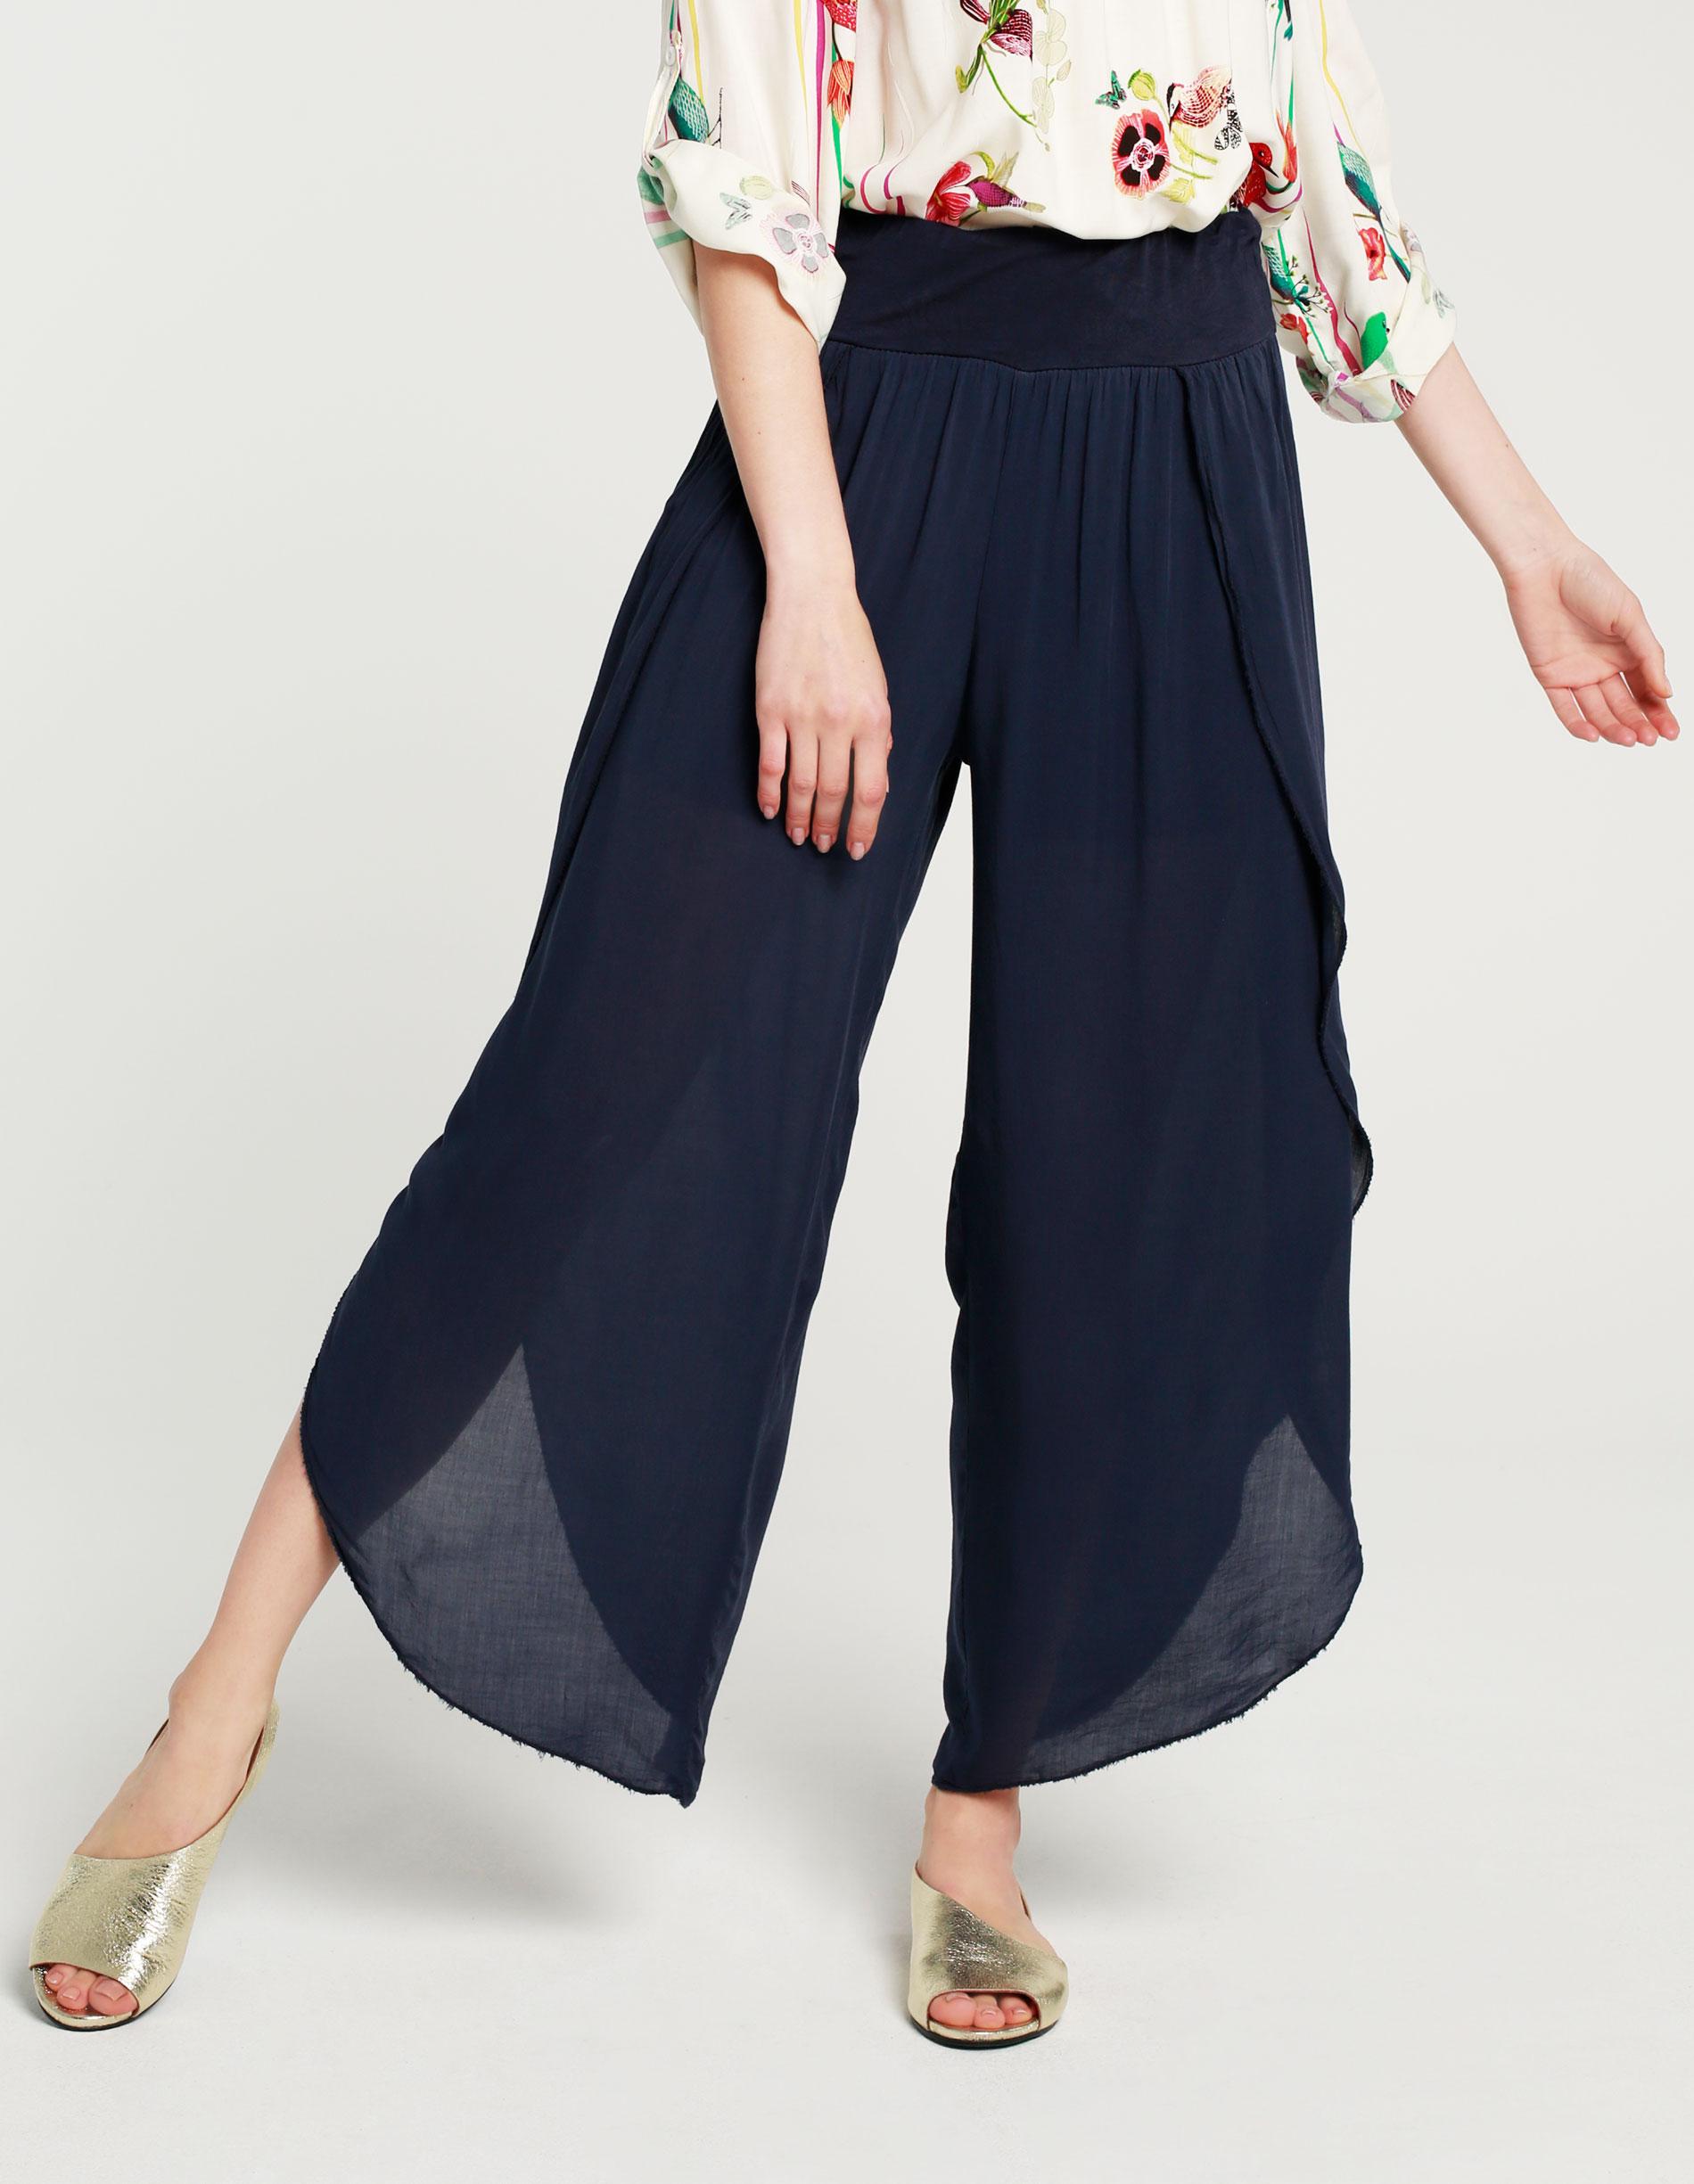 Spodnie - 65-6041 BL SC - Unisono